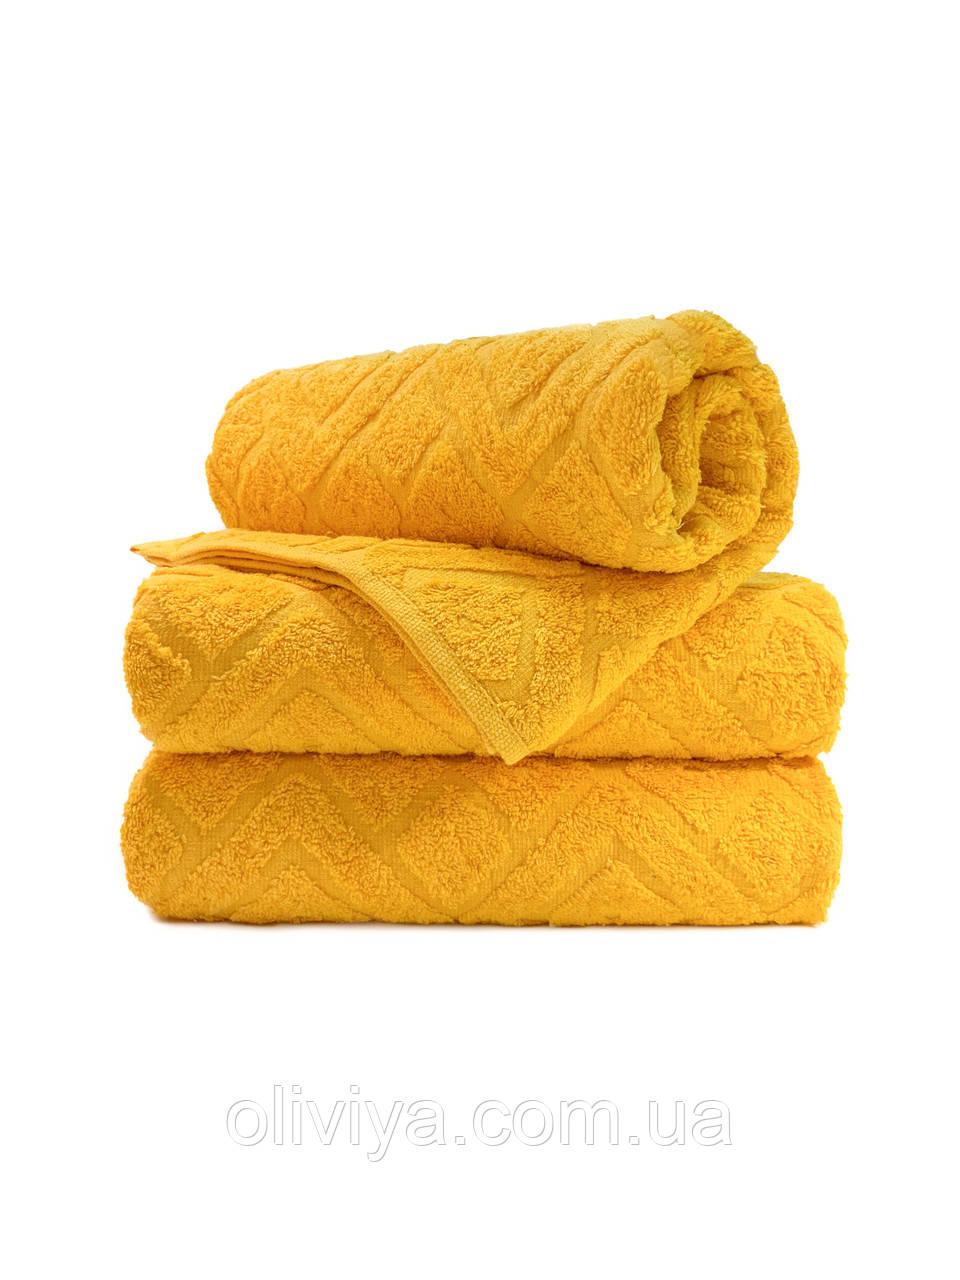 Полотенца для лица махровое Жаккард желтое